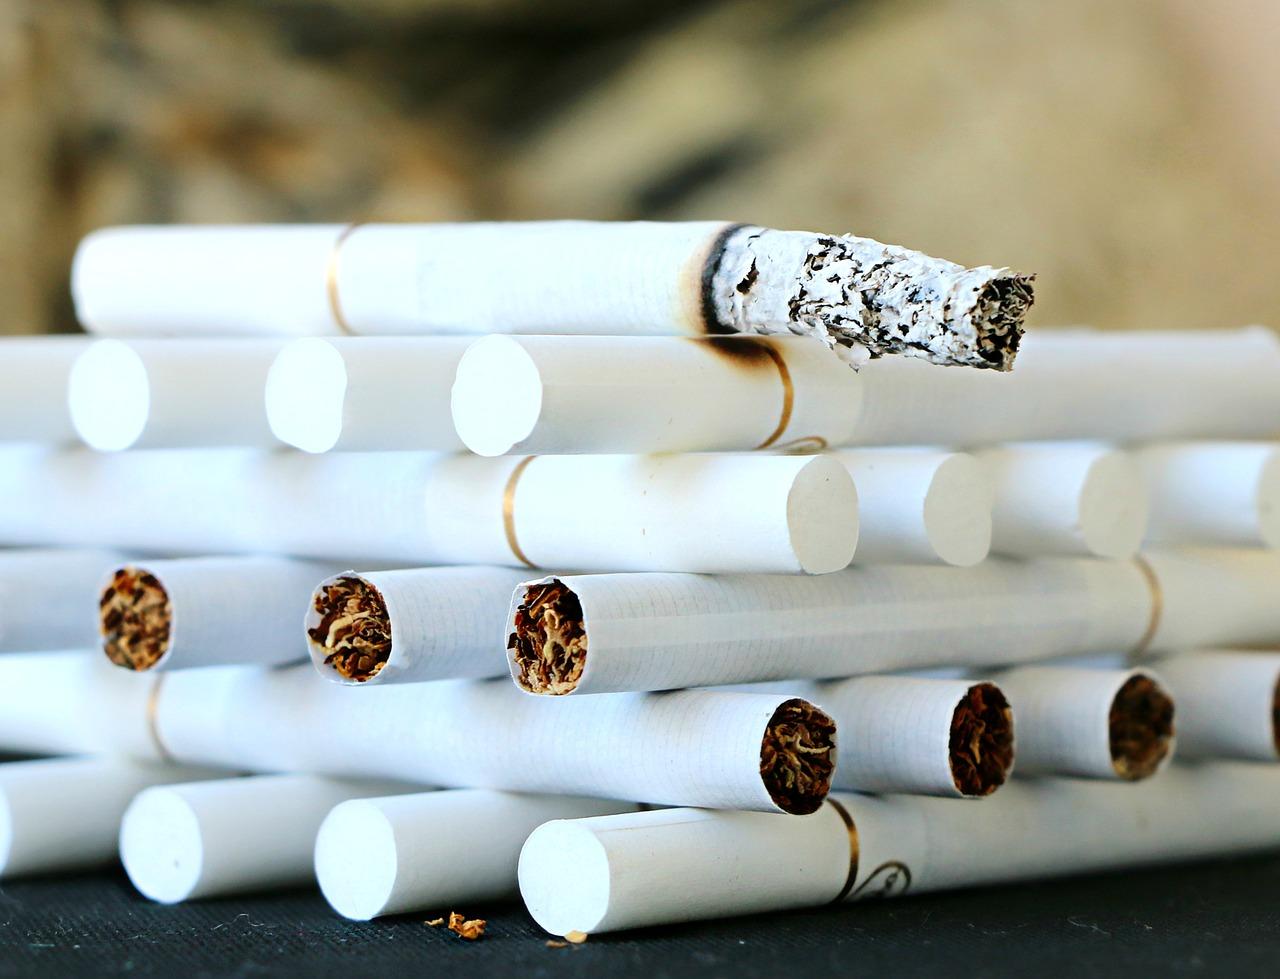 タバコ 肺がん 呼吸器内科